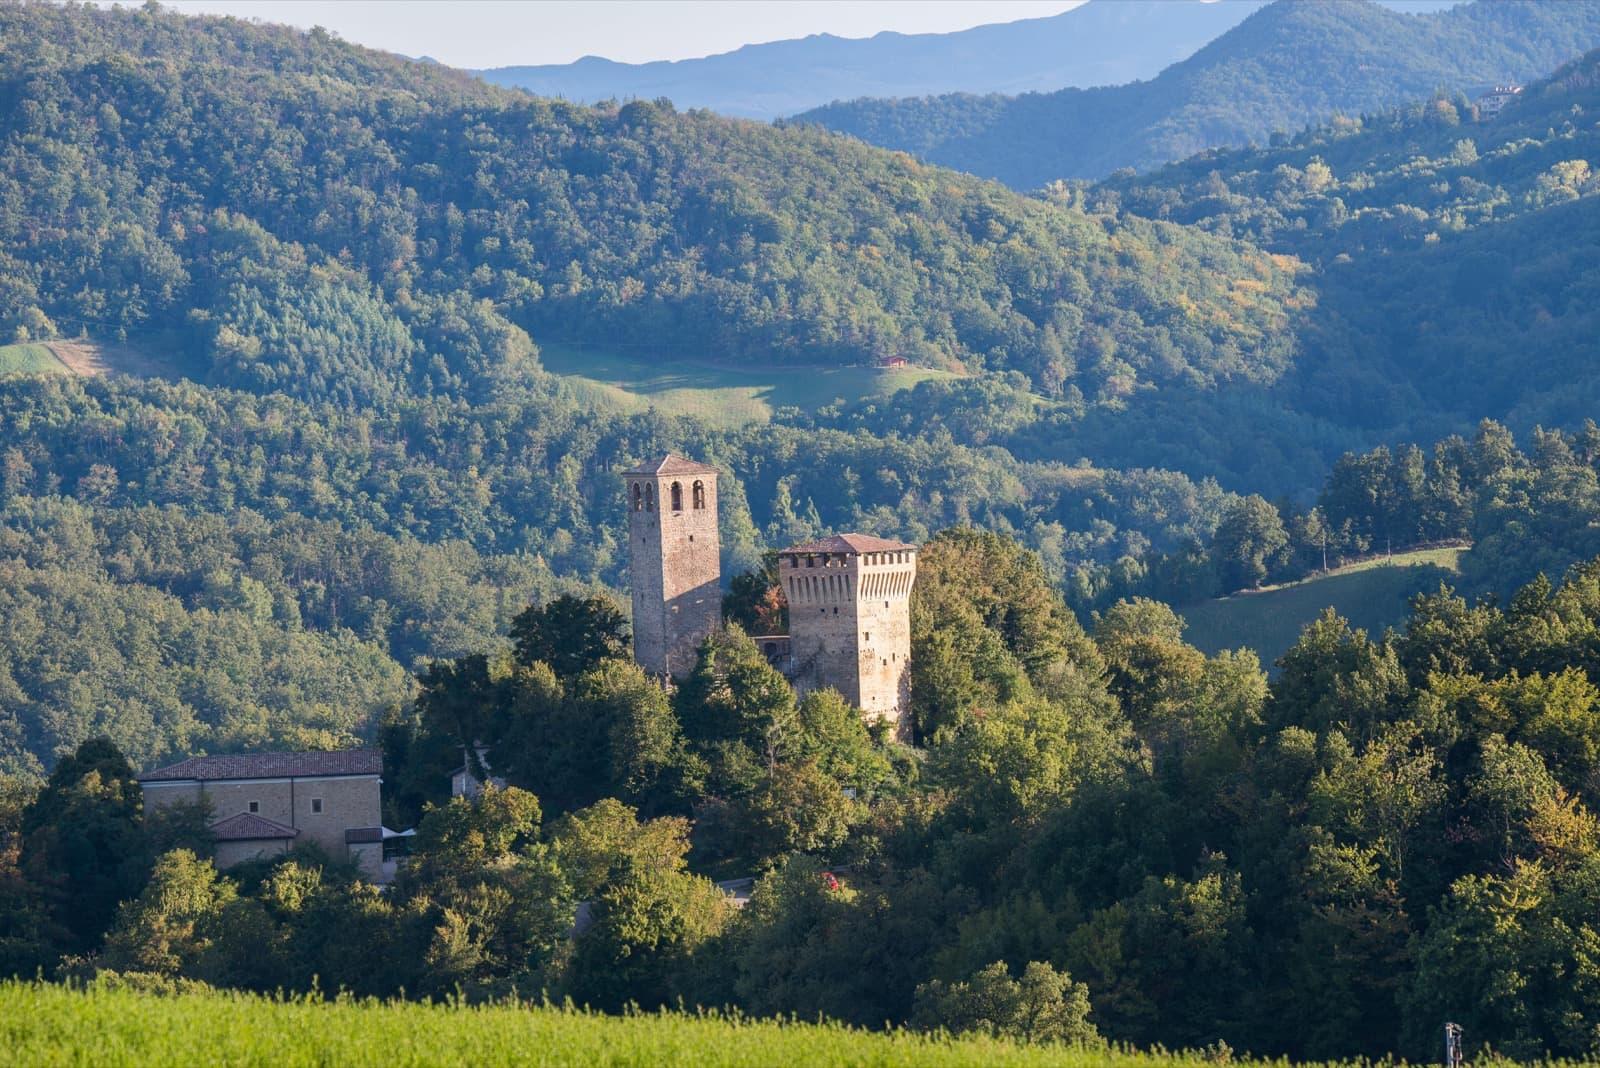 Casina, Castle of Sarzano | Ph. Lugarex